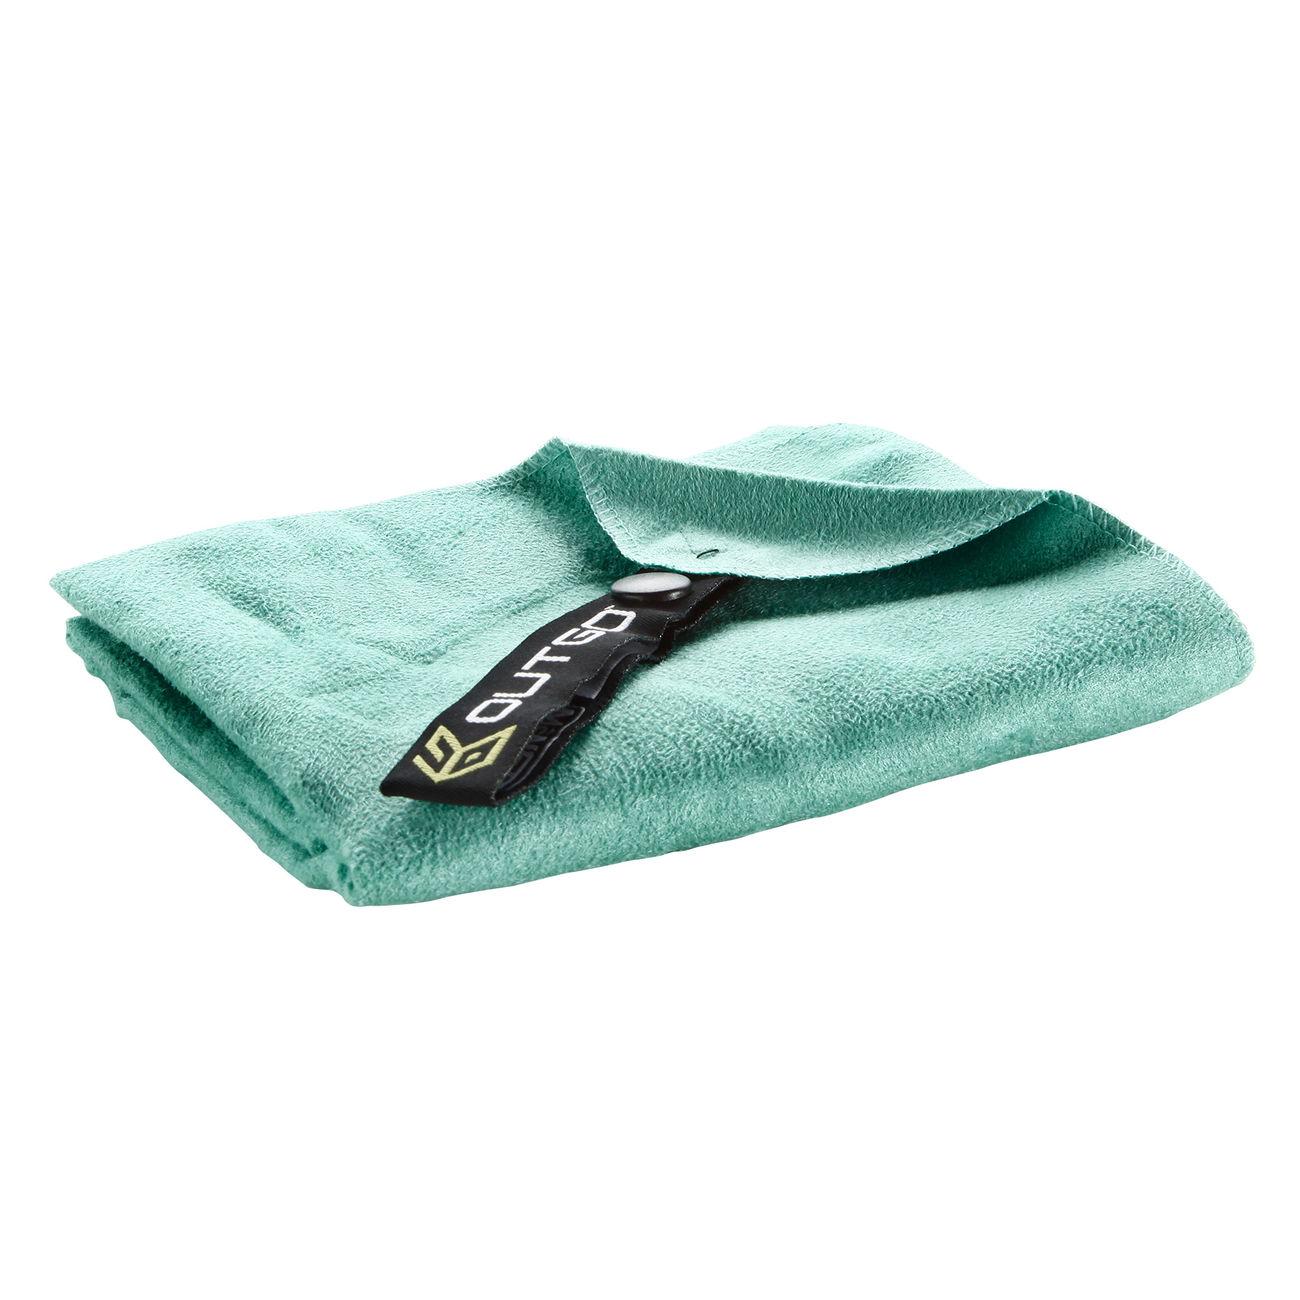 mcnett outgo handtuch microfaser gr n g nstig kaufen kotte zeller. Black Bedroom Furniture Sets. Home Design Ideas